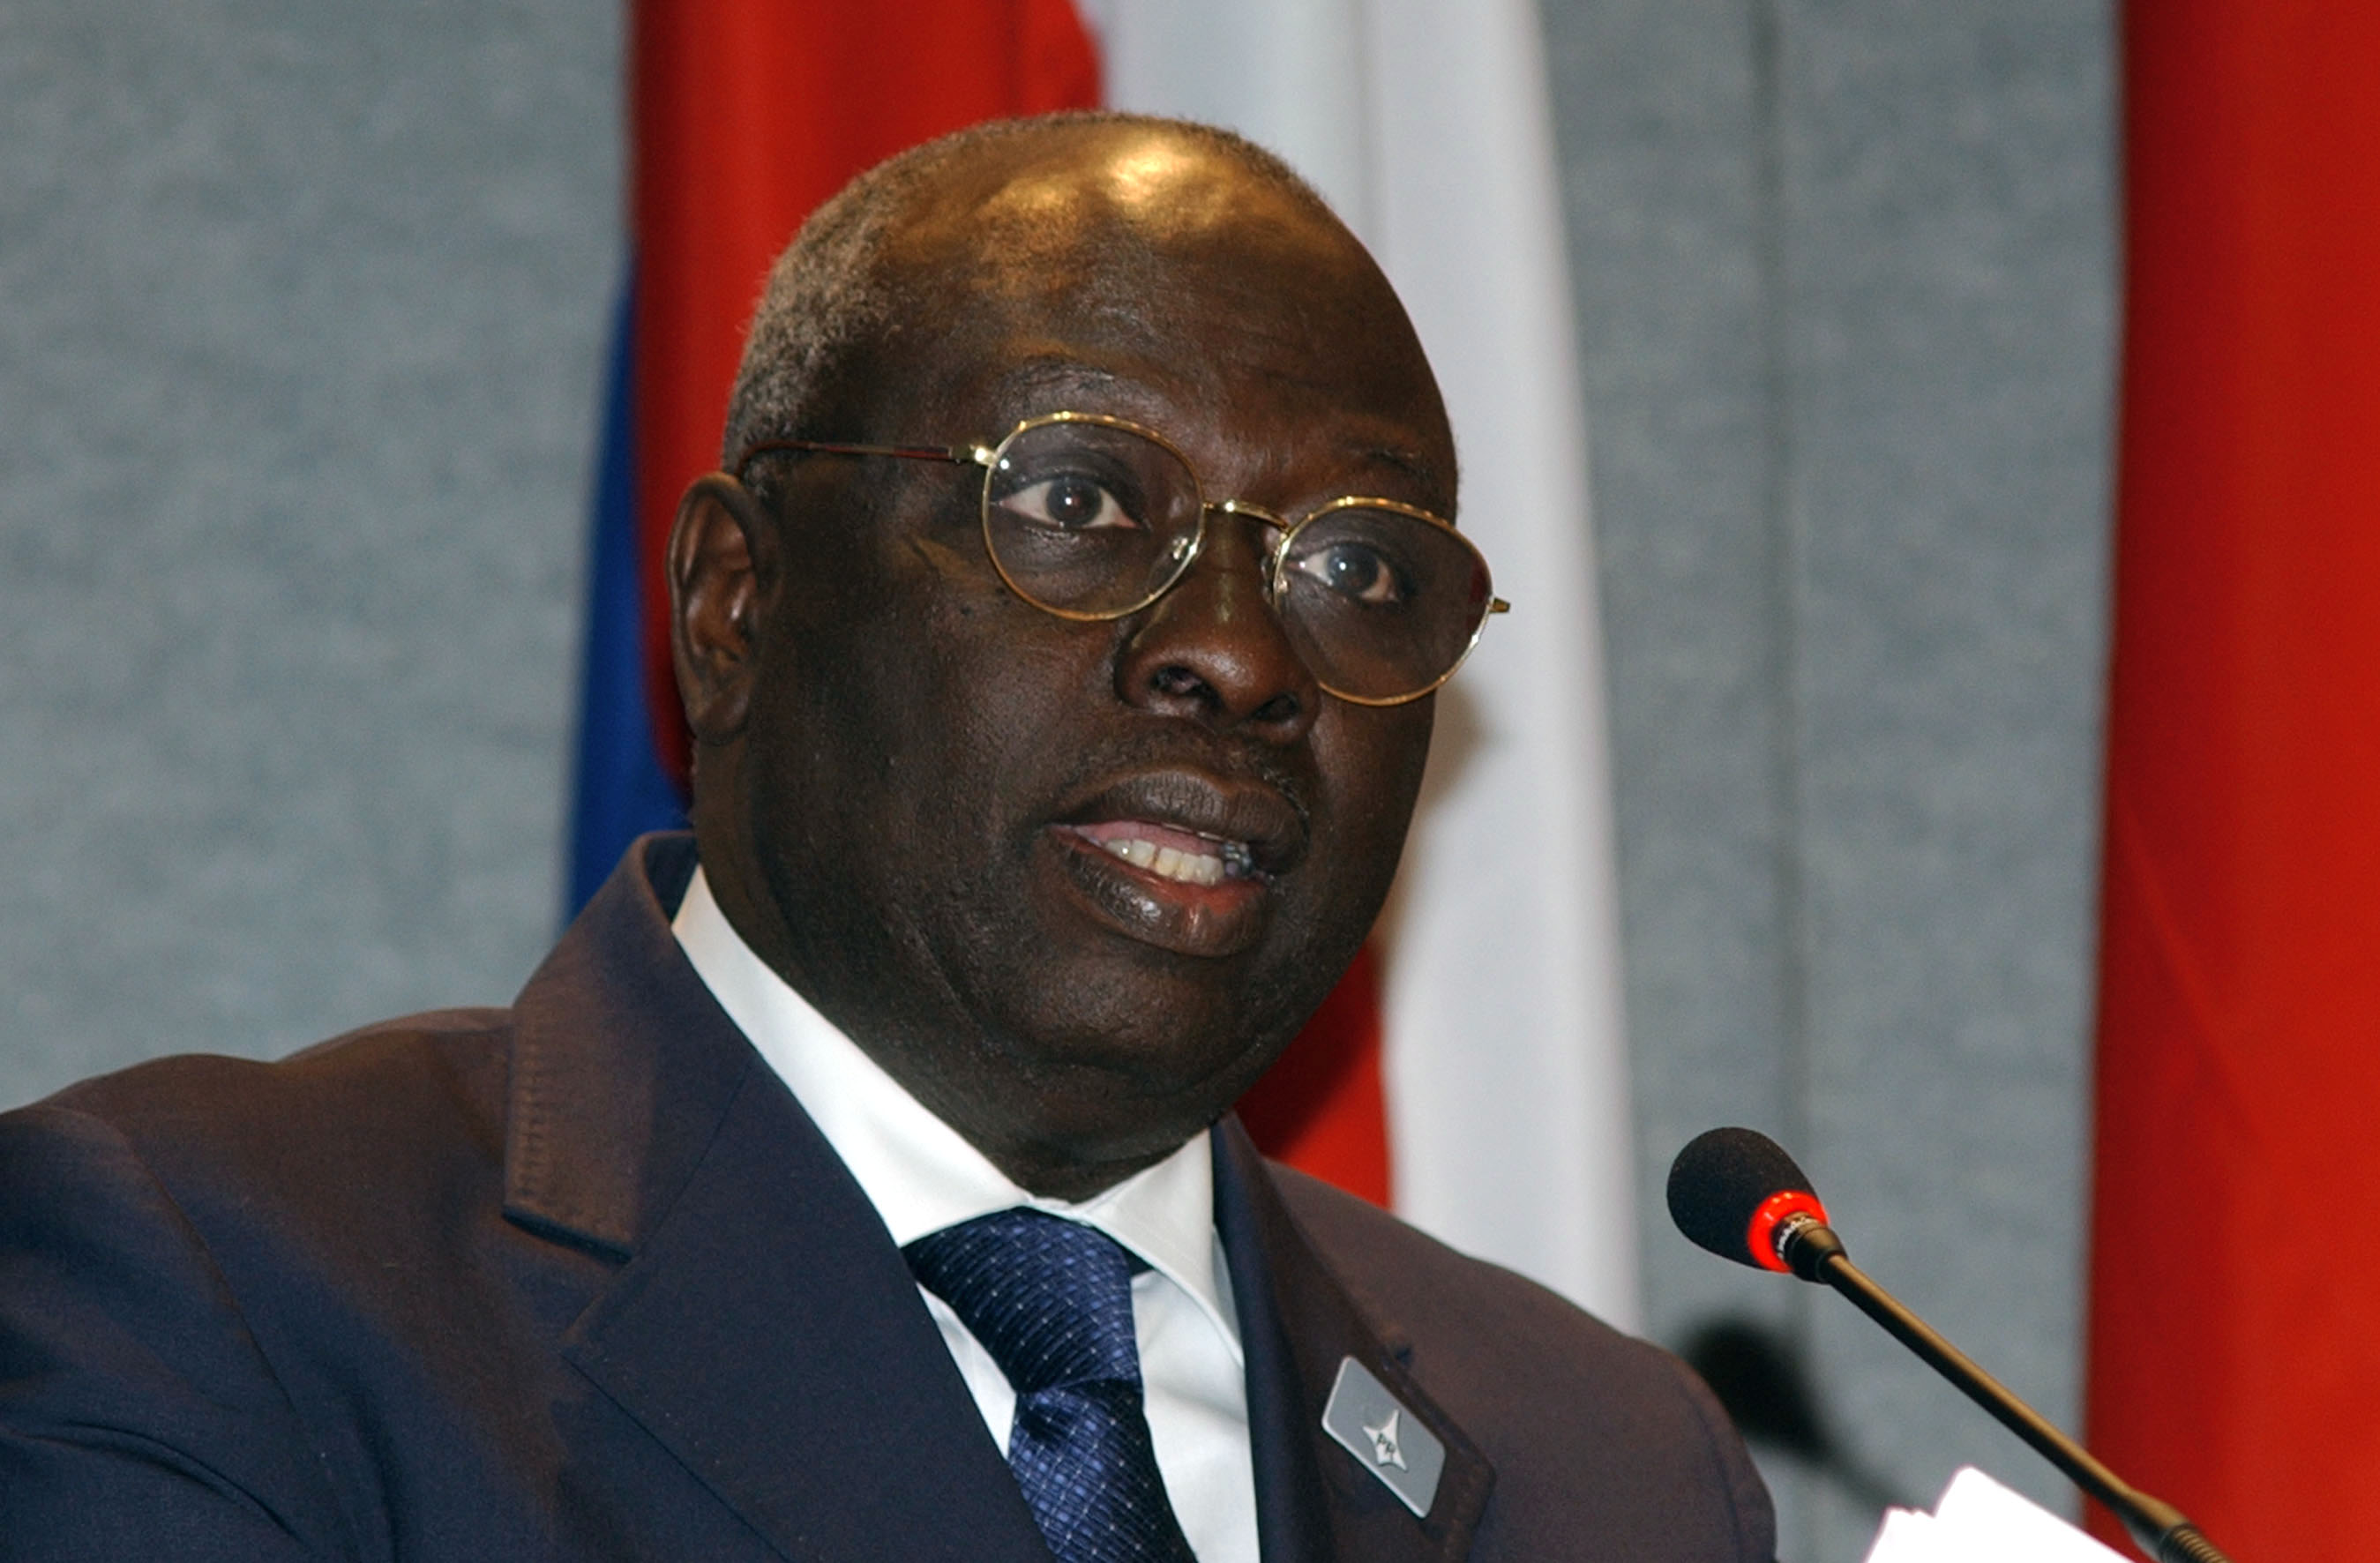 Jacques Diouf aux chefs d'Etat africains: « Evitez de vendre vos terres aux multinationales»